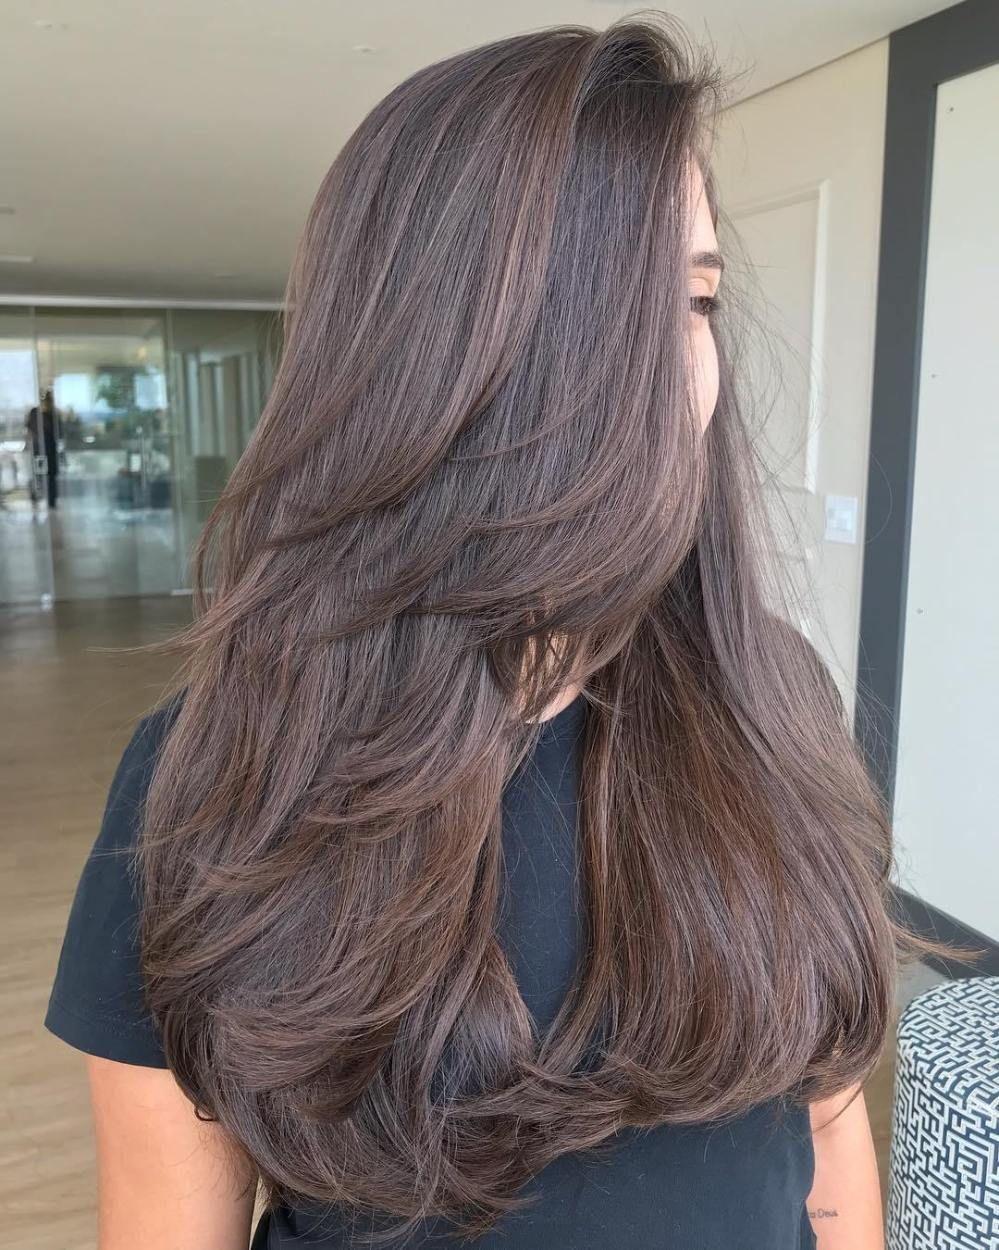 80 Schattige Gelaagde Kapsels En Kapsels Voor Lang Haar Gelaagde Haar Kapsels Lang Sch Haarschnitt Lange Haare Lange Haare Frisuren Lange Haare Schnitt